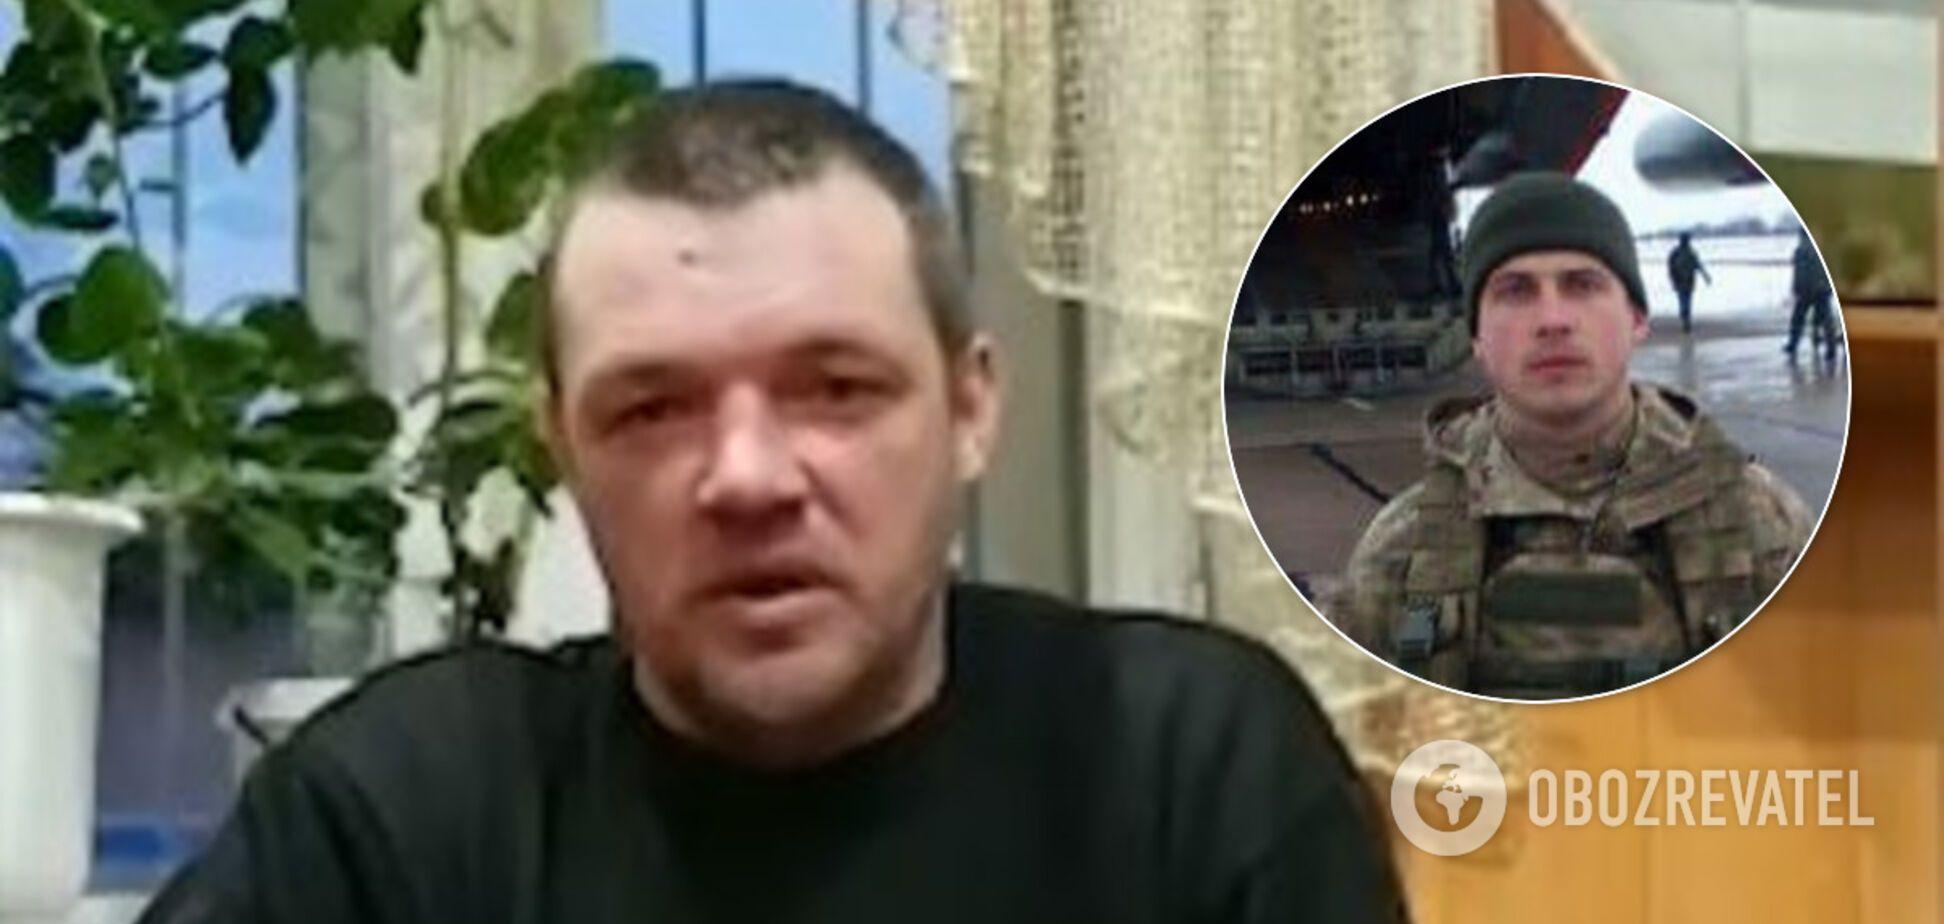 П'яний новосанжарівець, який накинувся на копа, вибачився. Відео